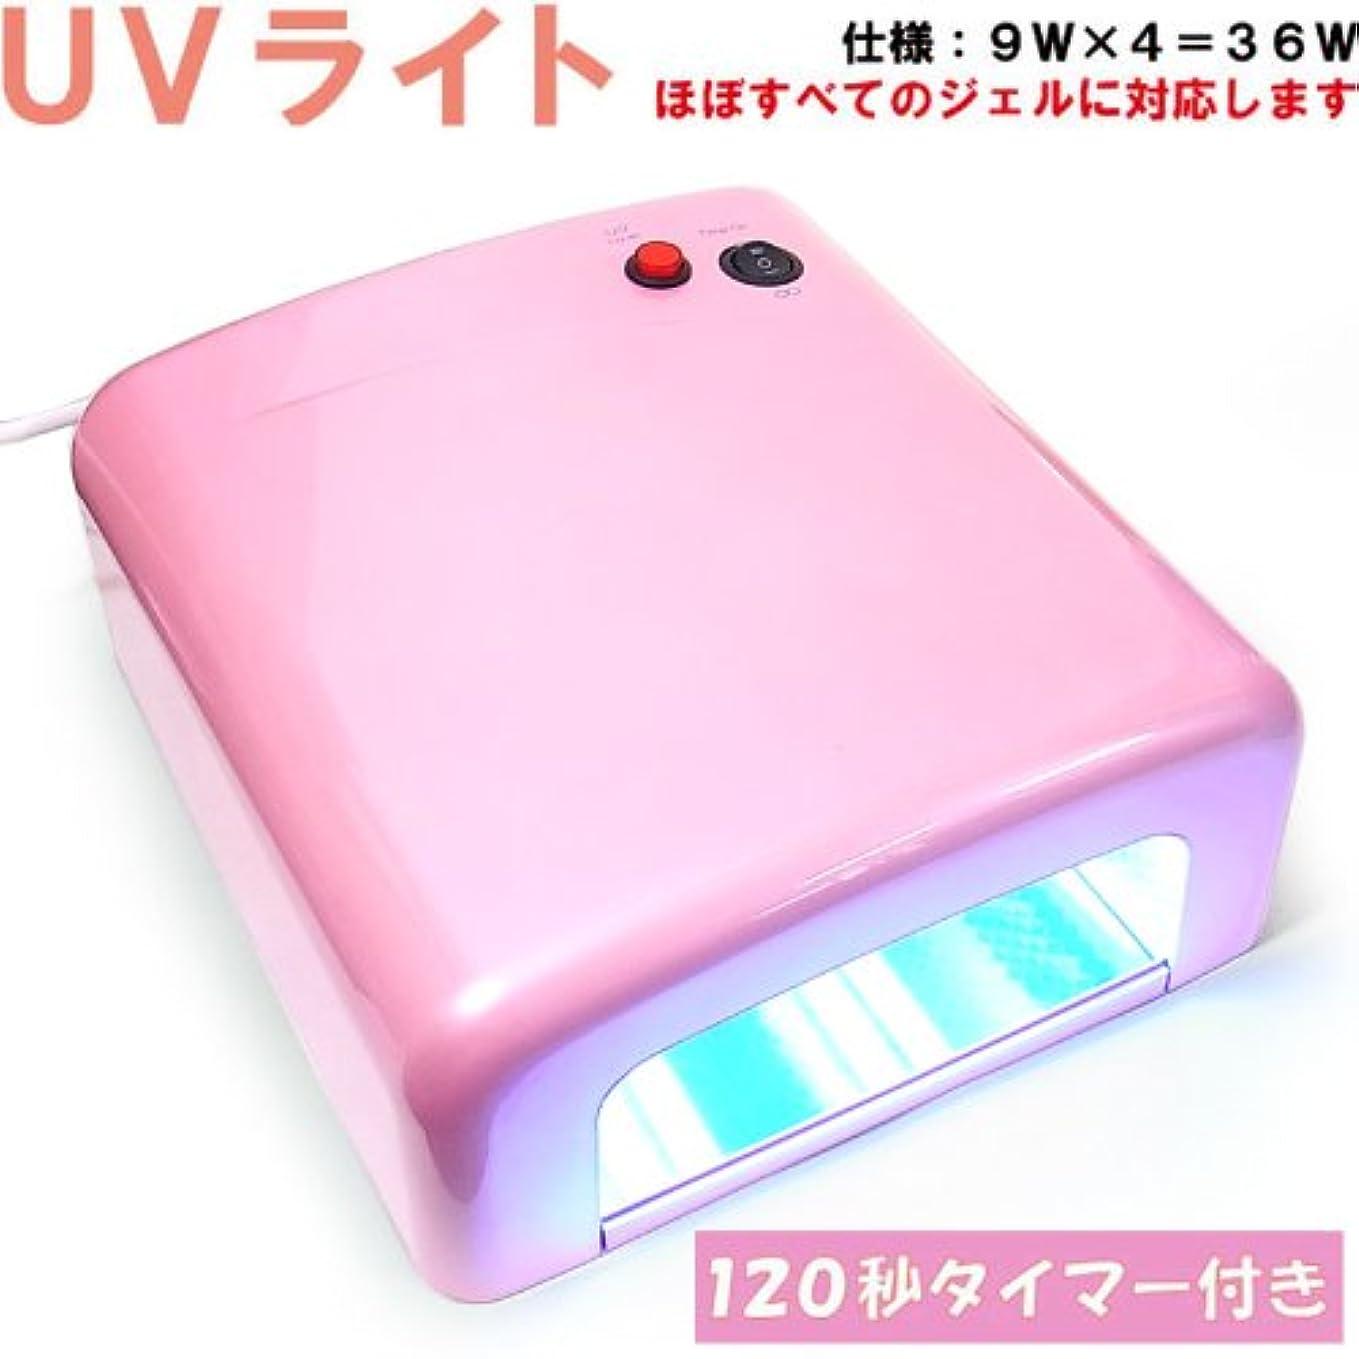 反動世論調査聖書ジェルネイル用UVライト36W(電球9W×4本付き)UVランプ【ピンク】